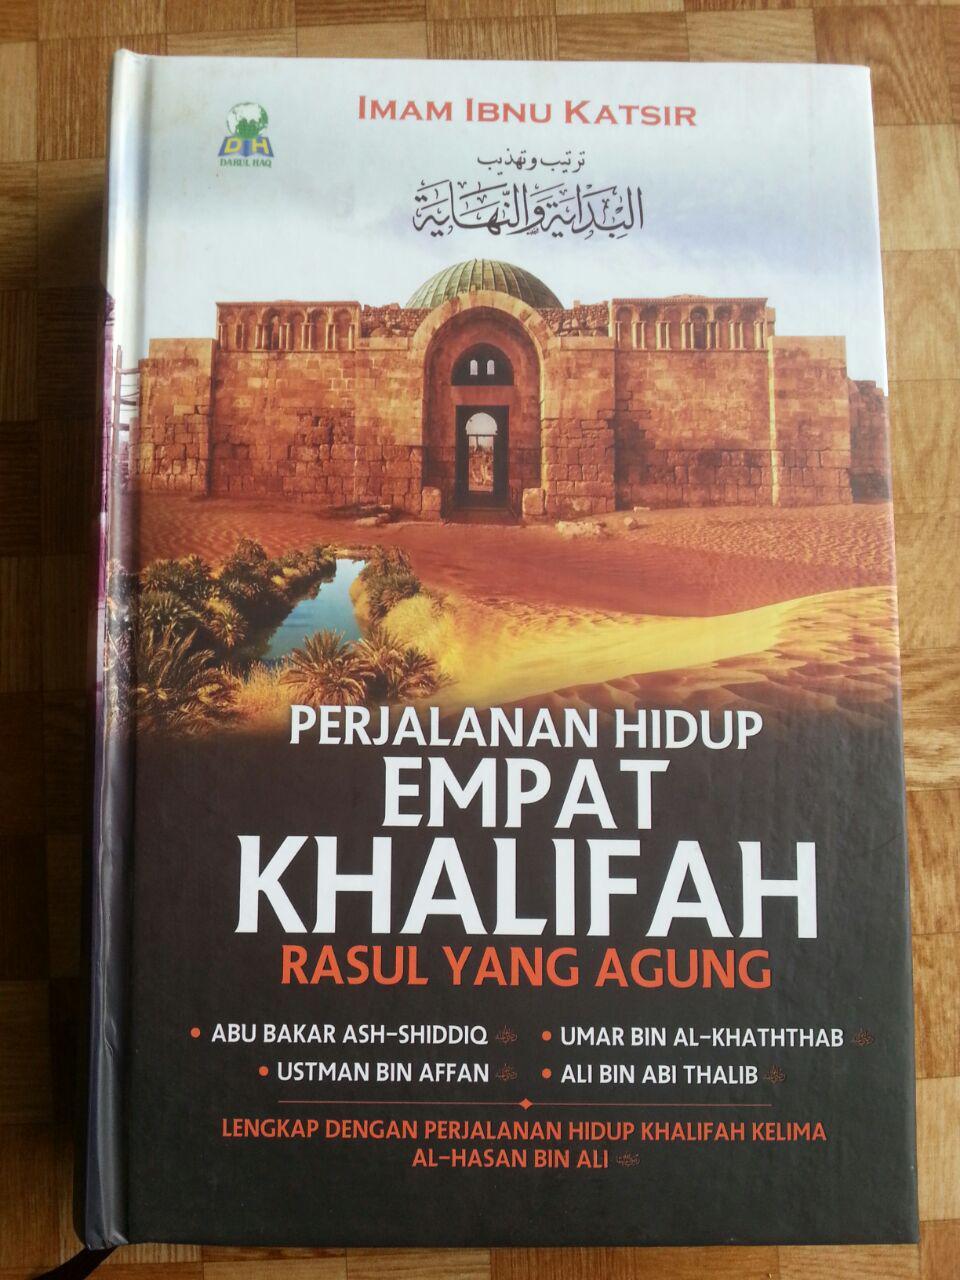 Buku Perjalanan Hidup Empat Khalifah Rasul Yang Agung cover 2